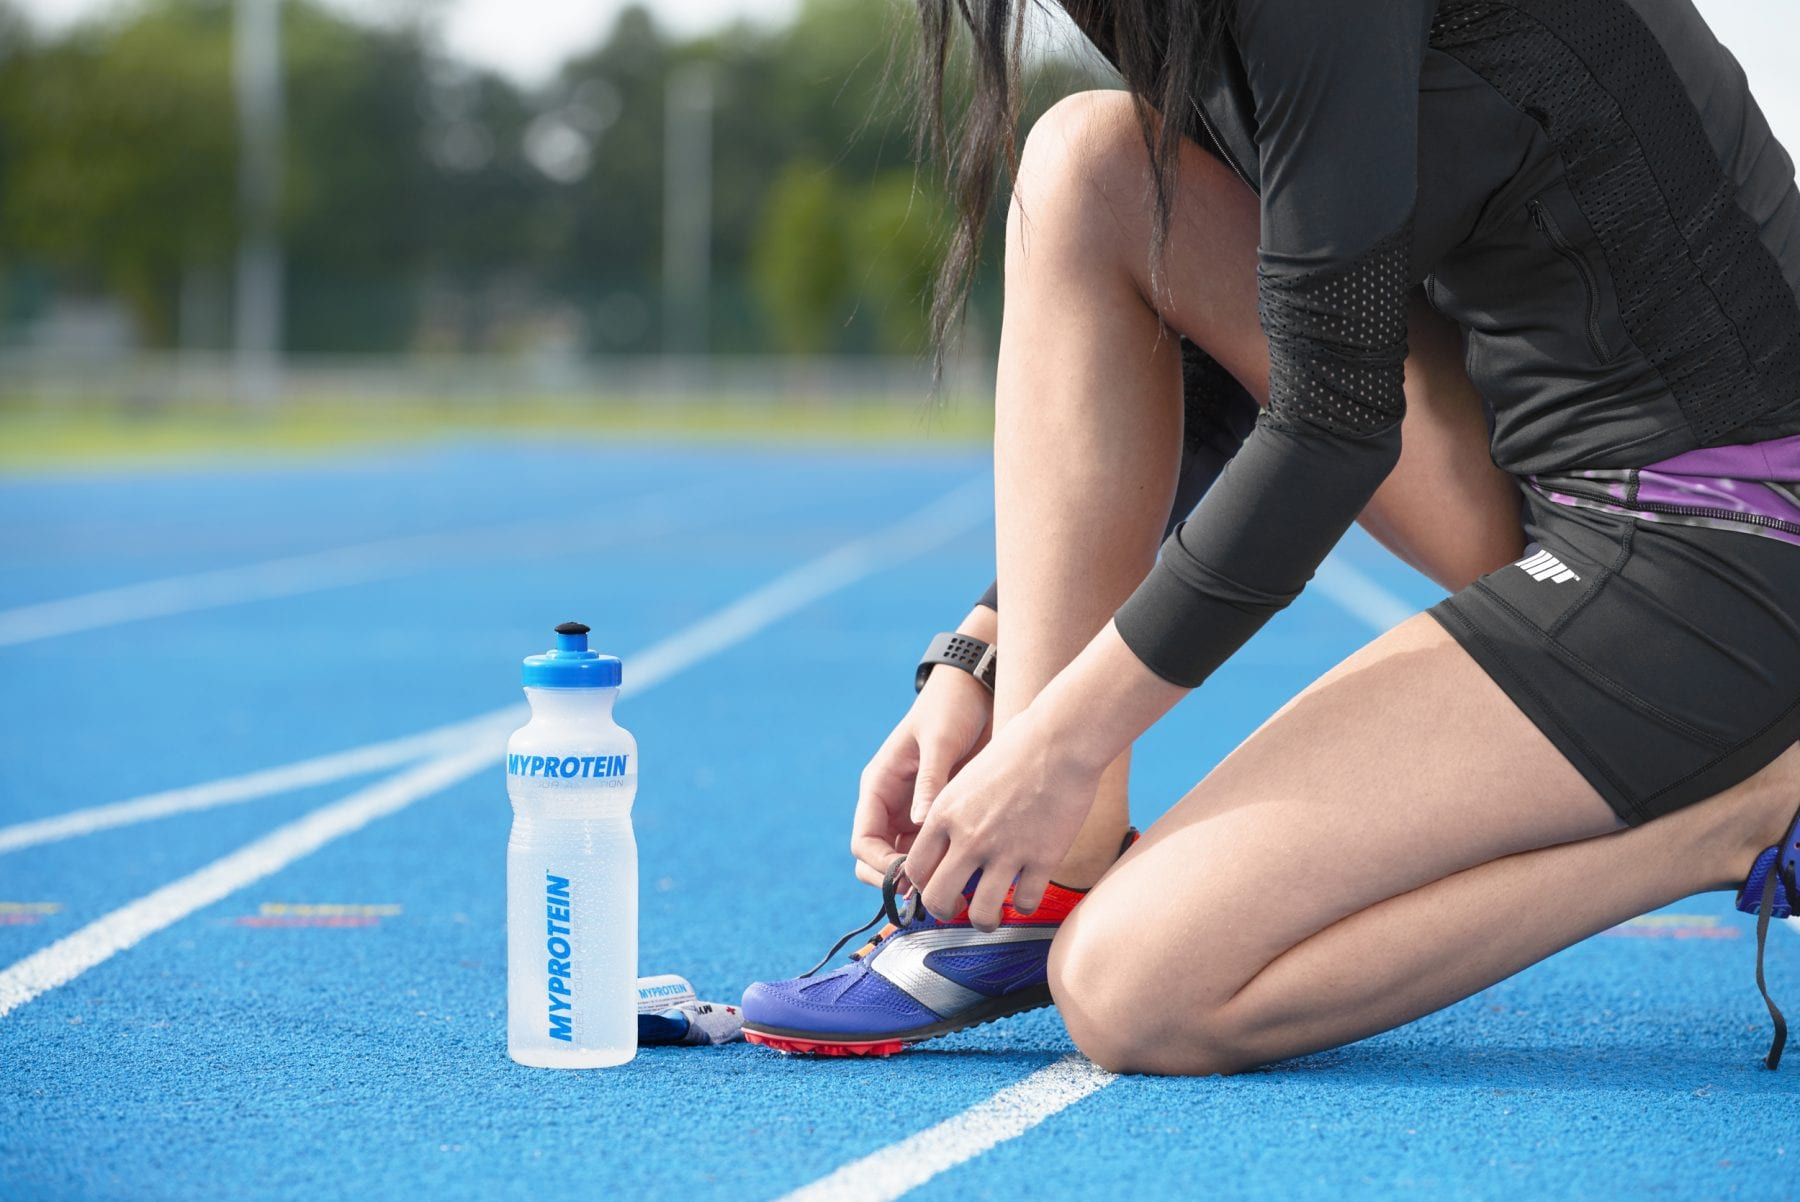 Motion og bedre fordøjelse